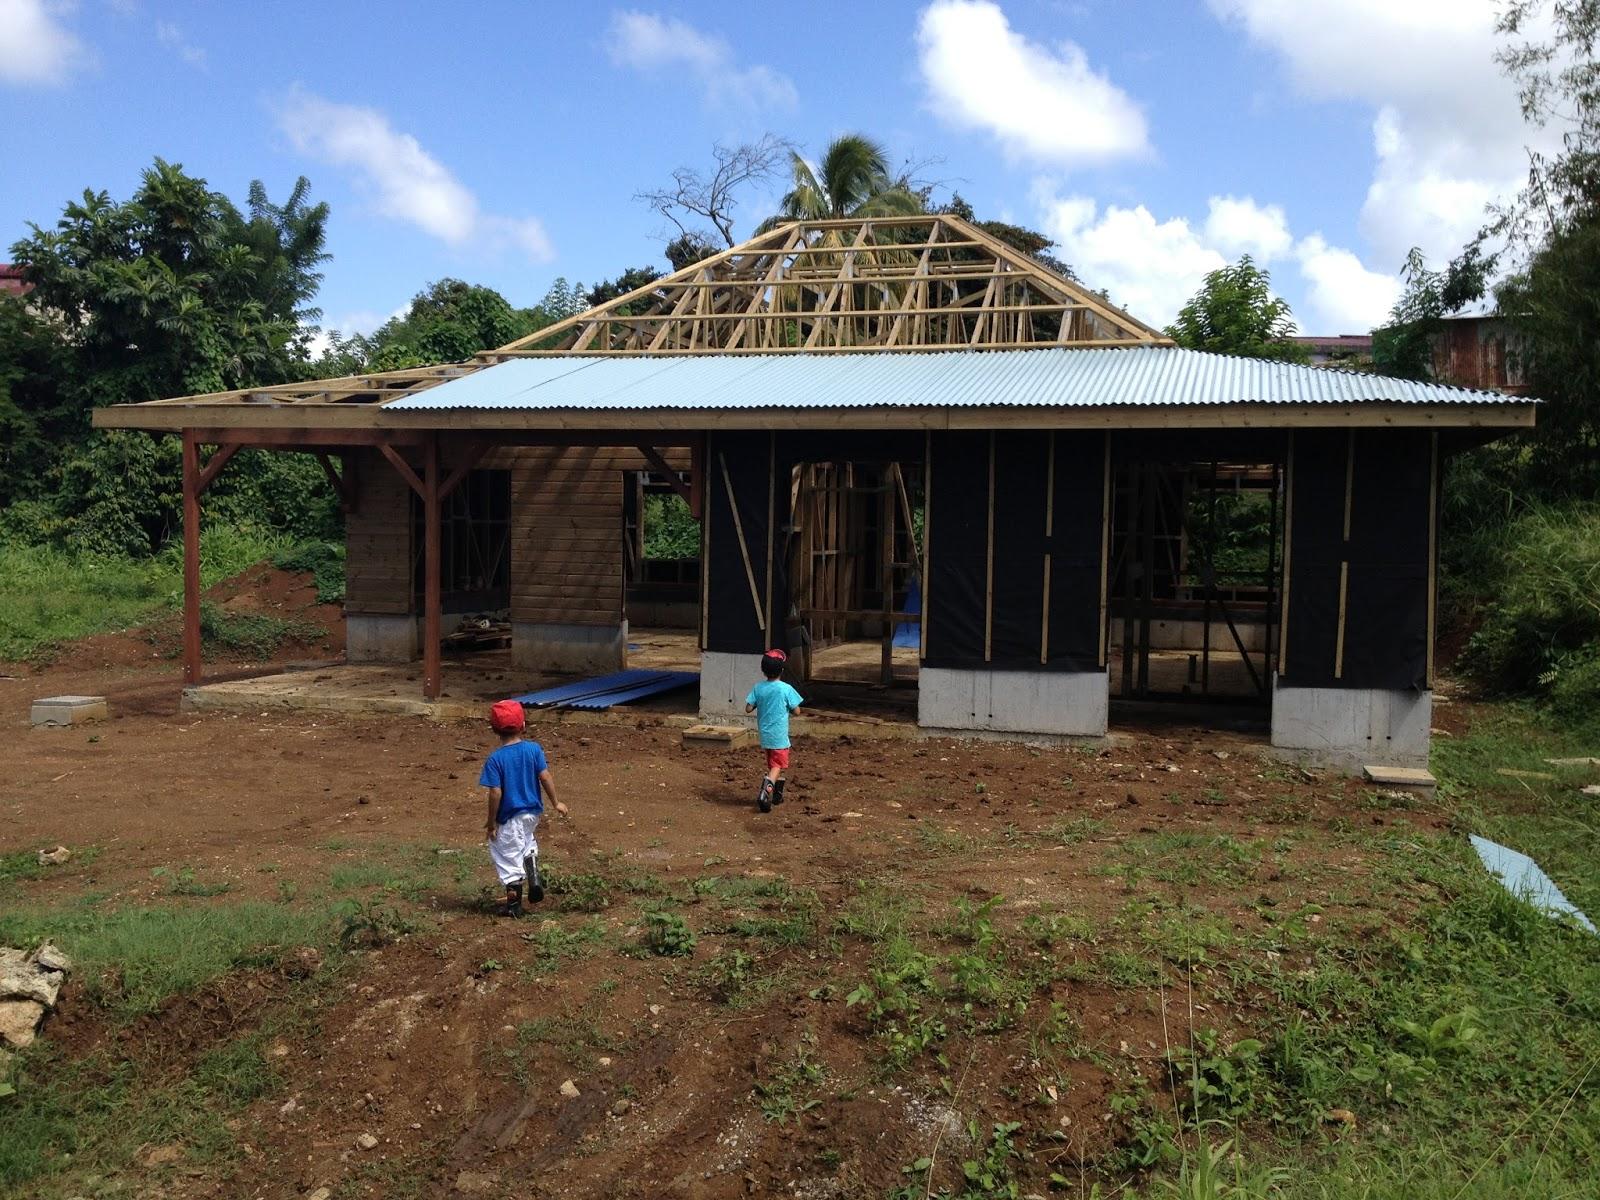 Toiture (enfin) Construire Maison Créole en Martinique # Maison En Bois Martinique